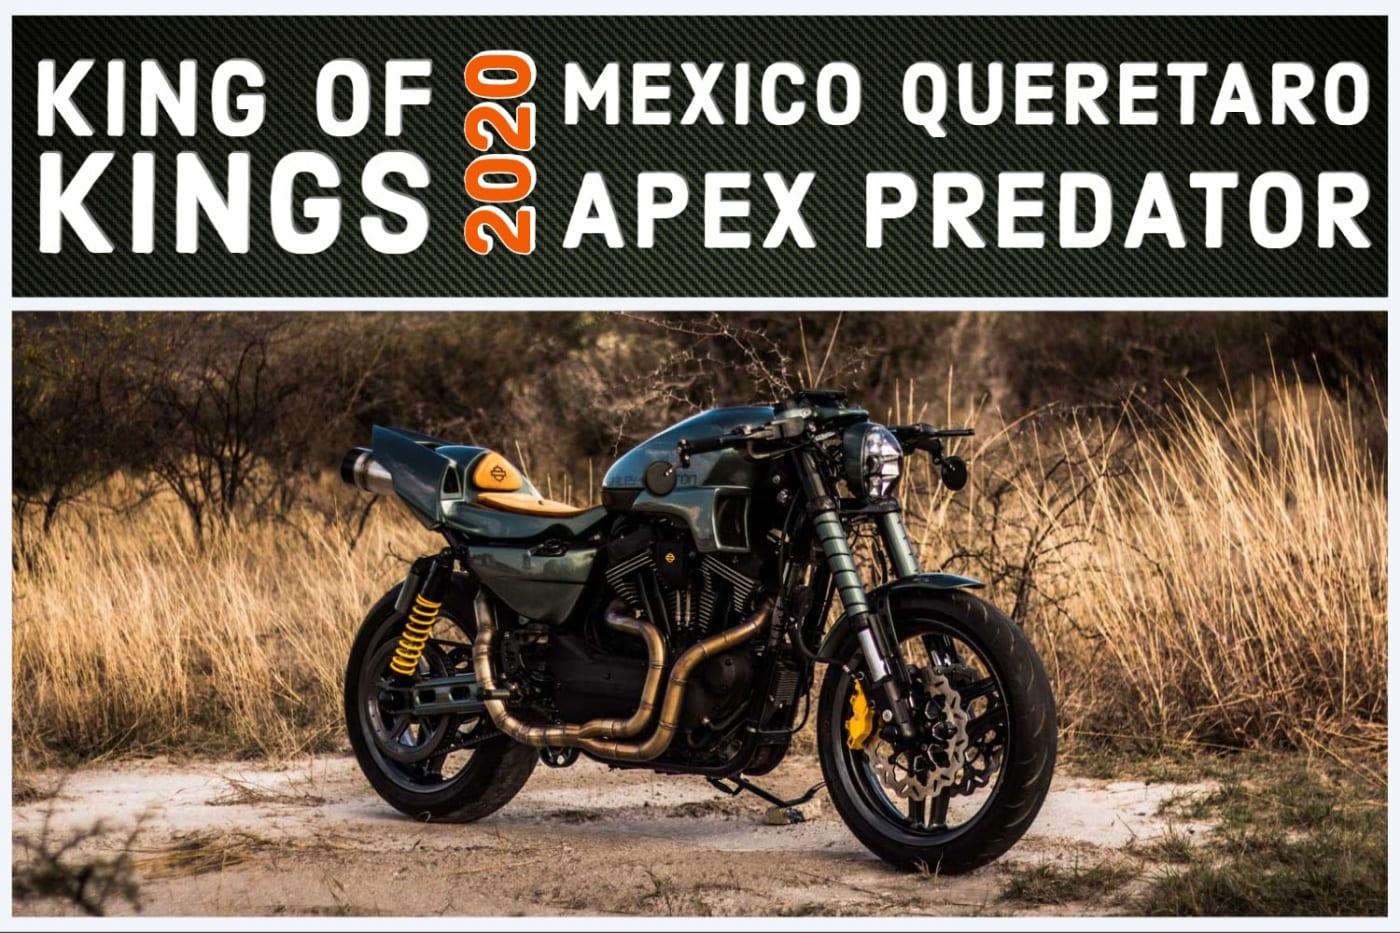 King of Kings Mexico Queretaro Apex Predator